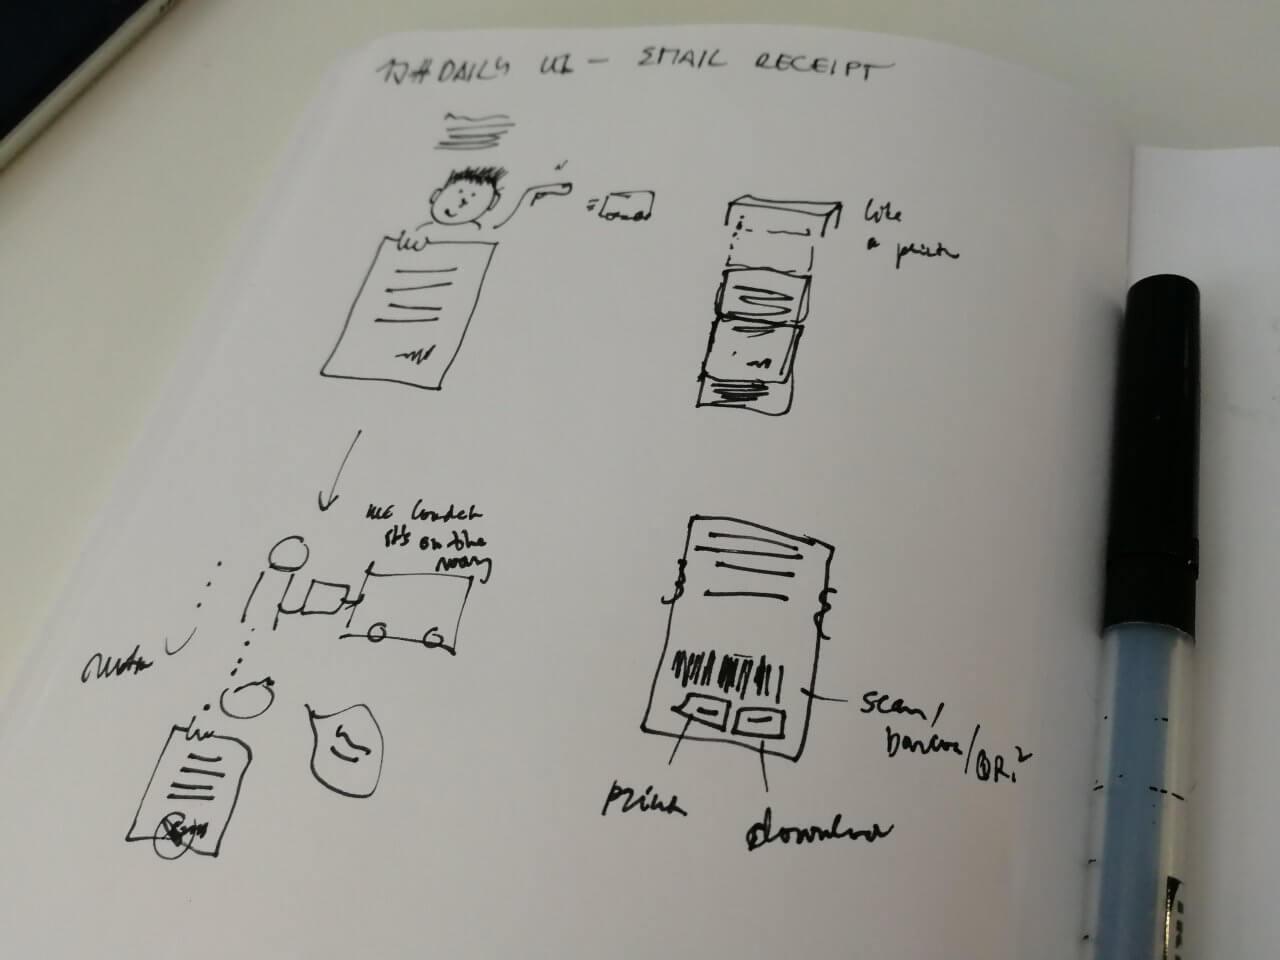 Možné nápady na řešení e-mailové účtenky.